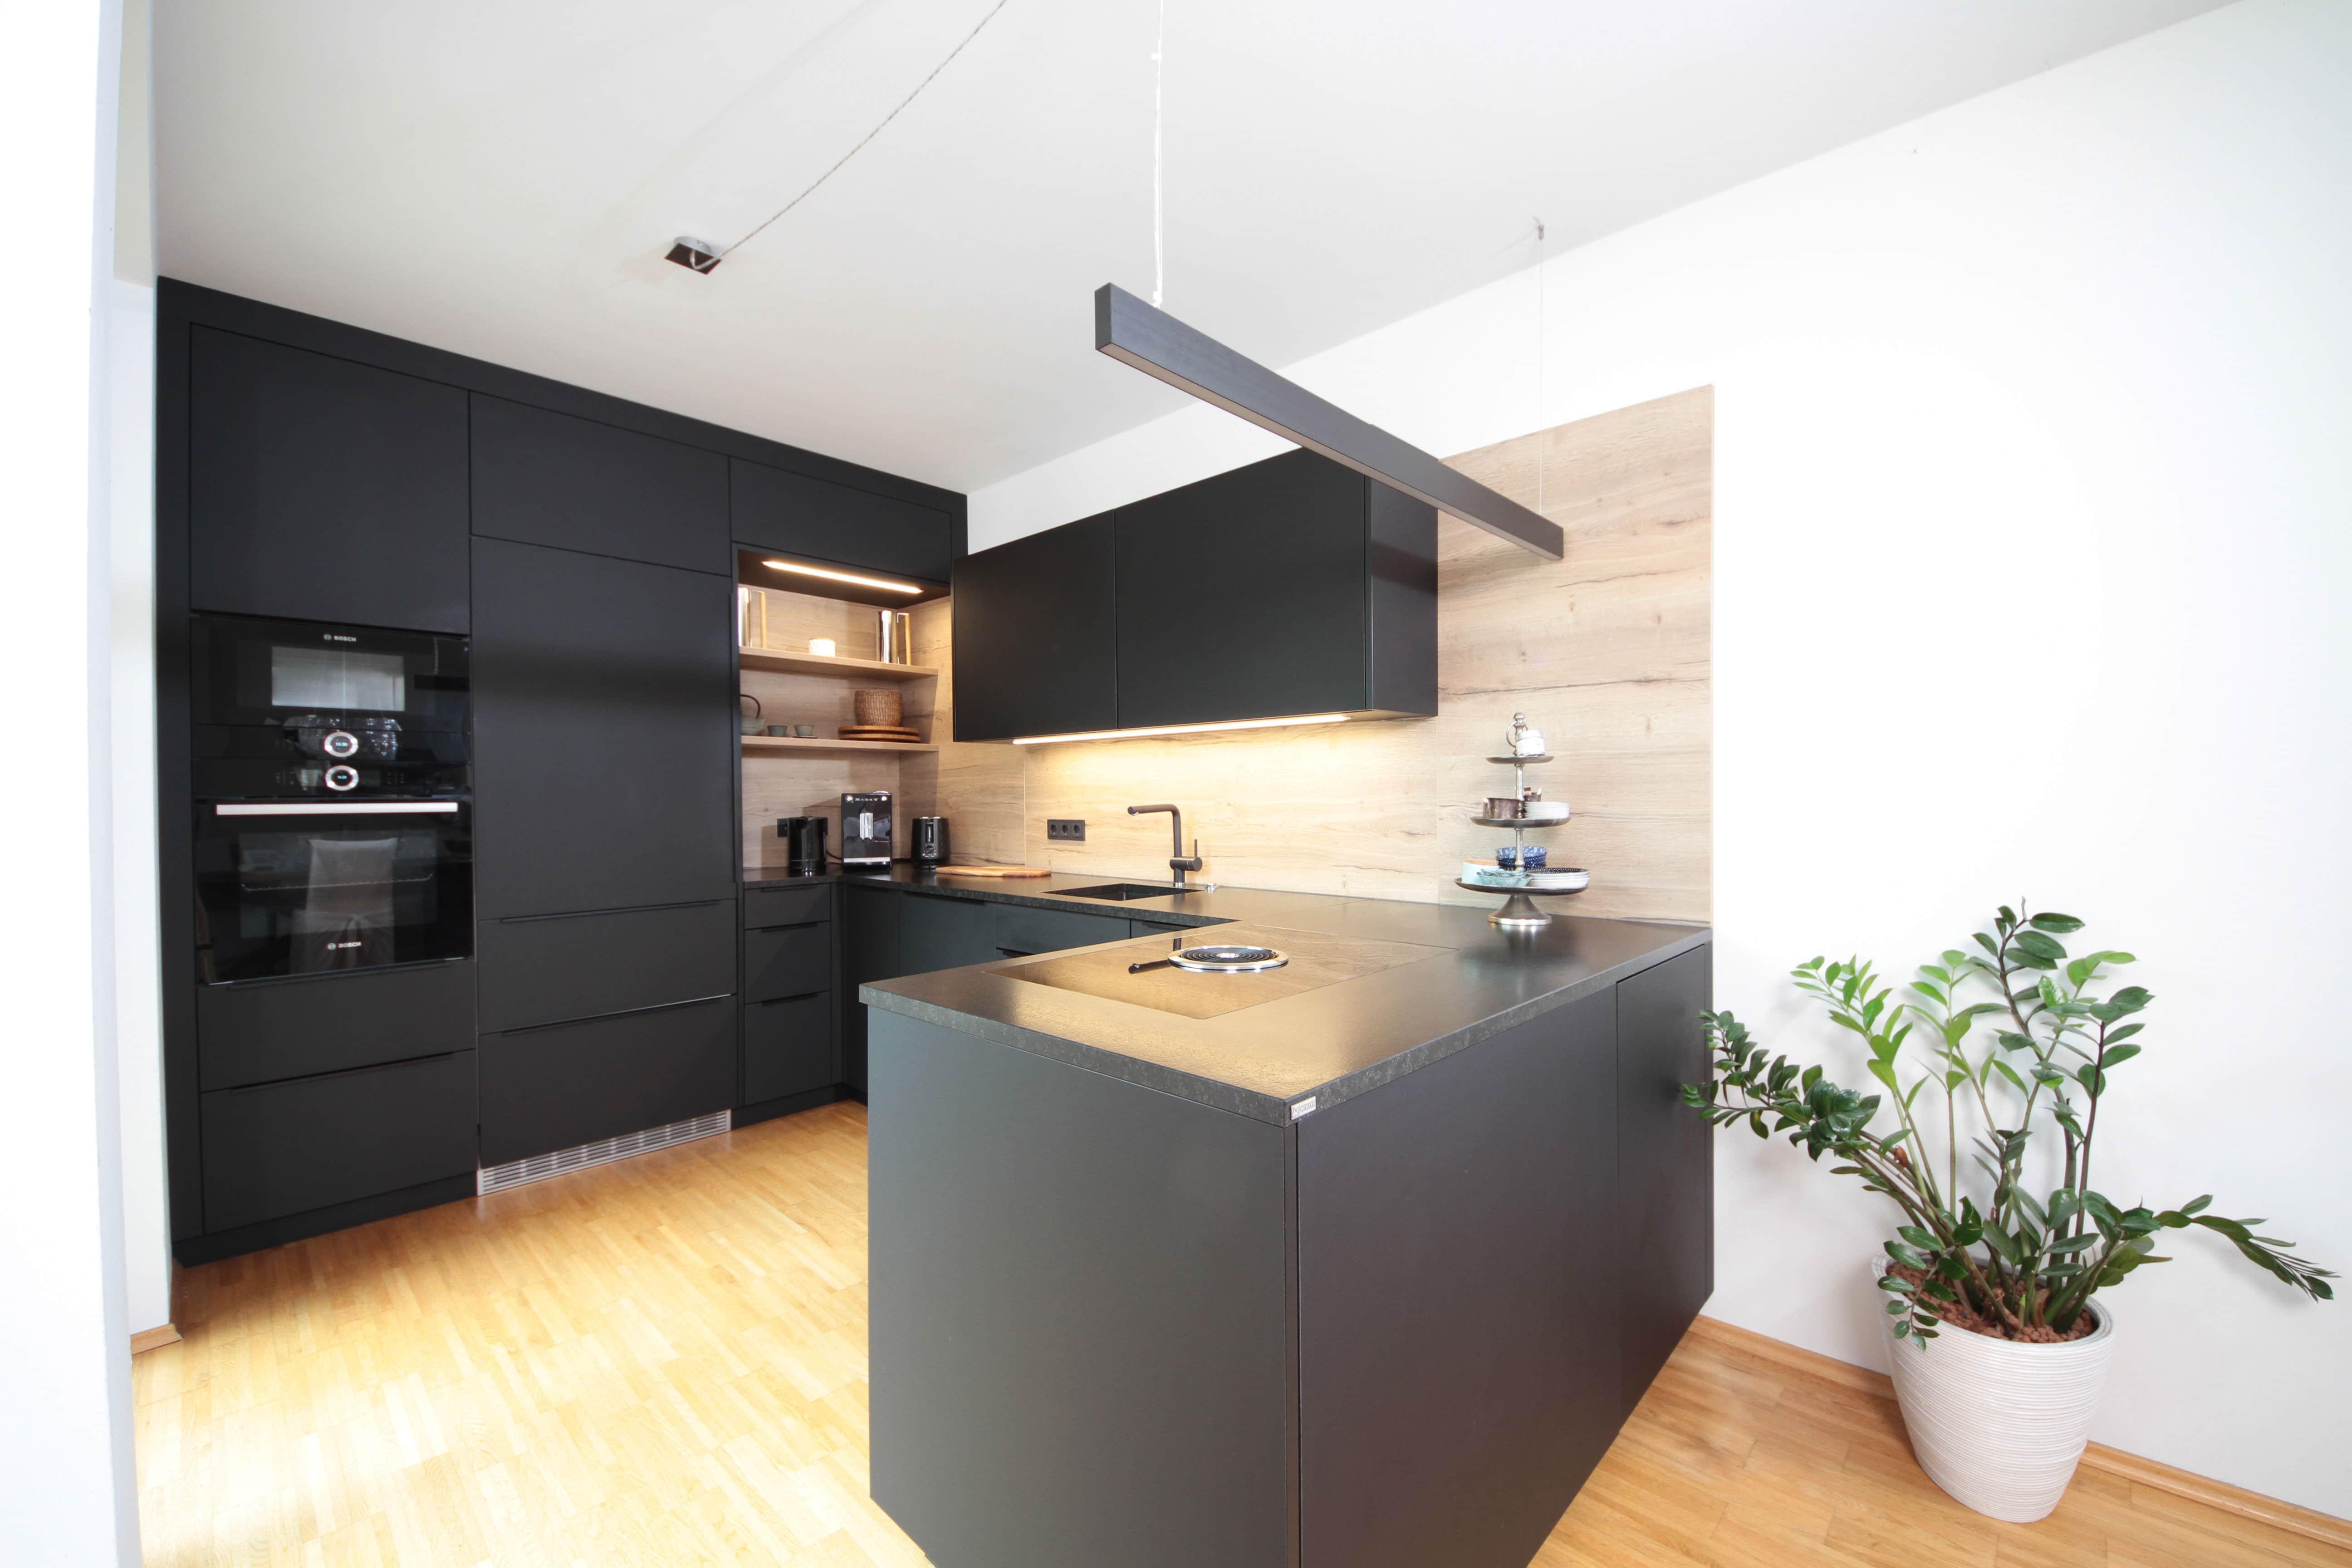 Hochwertig Großartig Dekorieren Eine Küche Mit Schwarzen Geräten Fotos   Ideen .